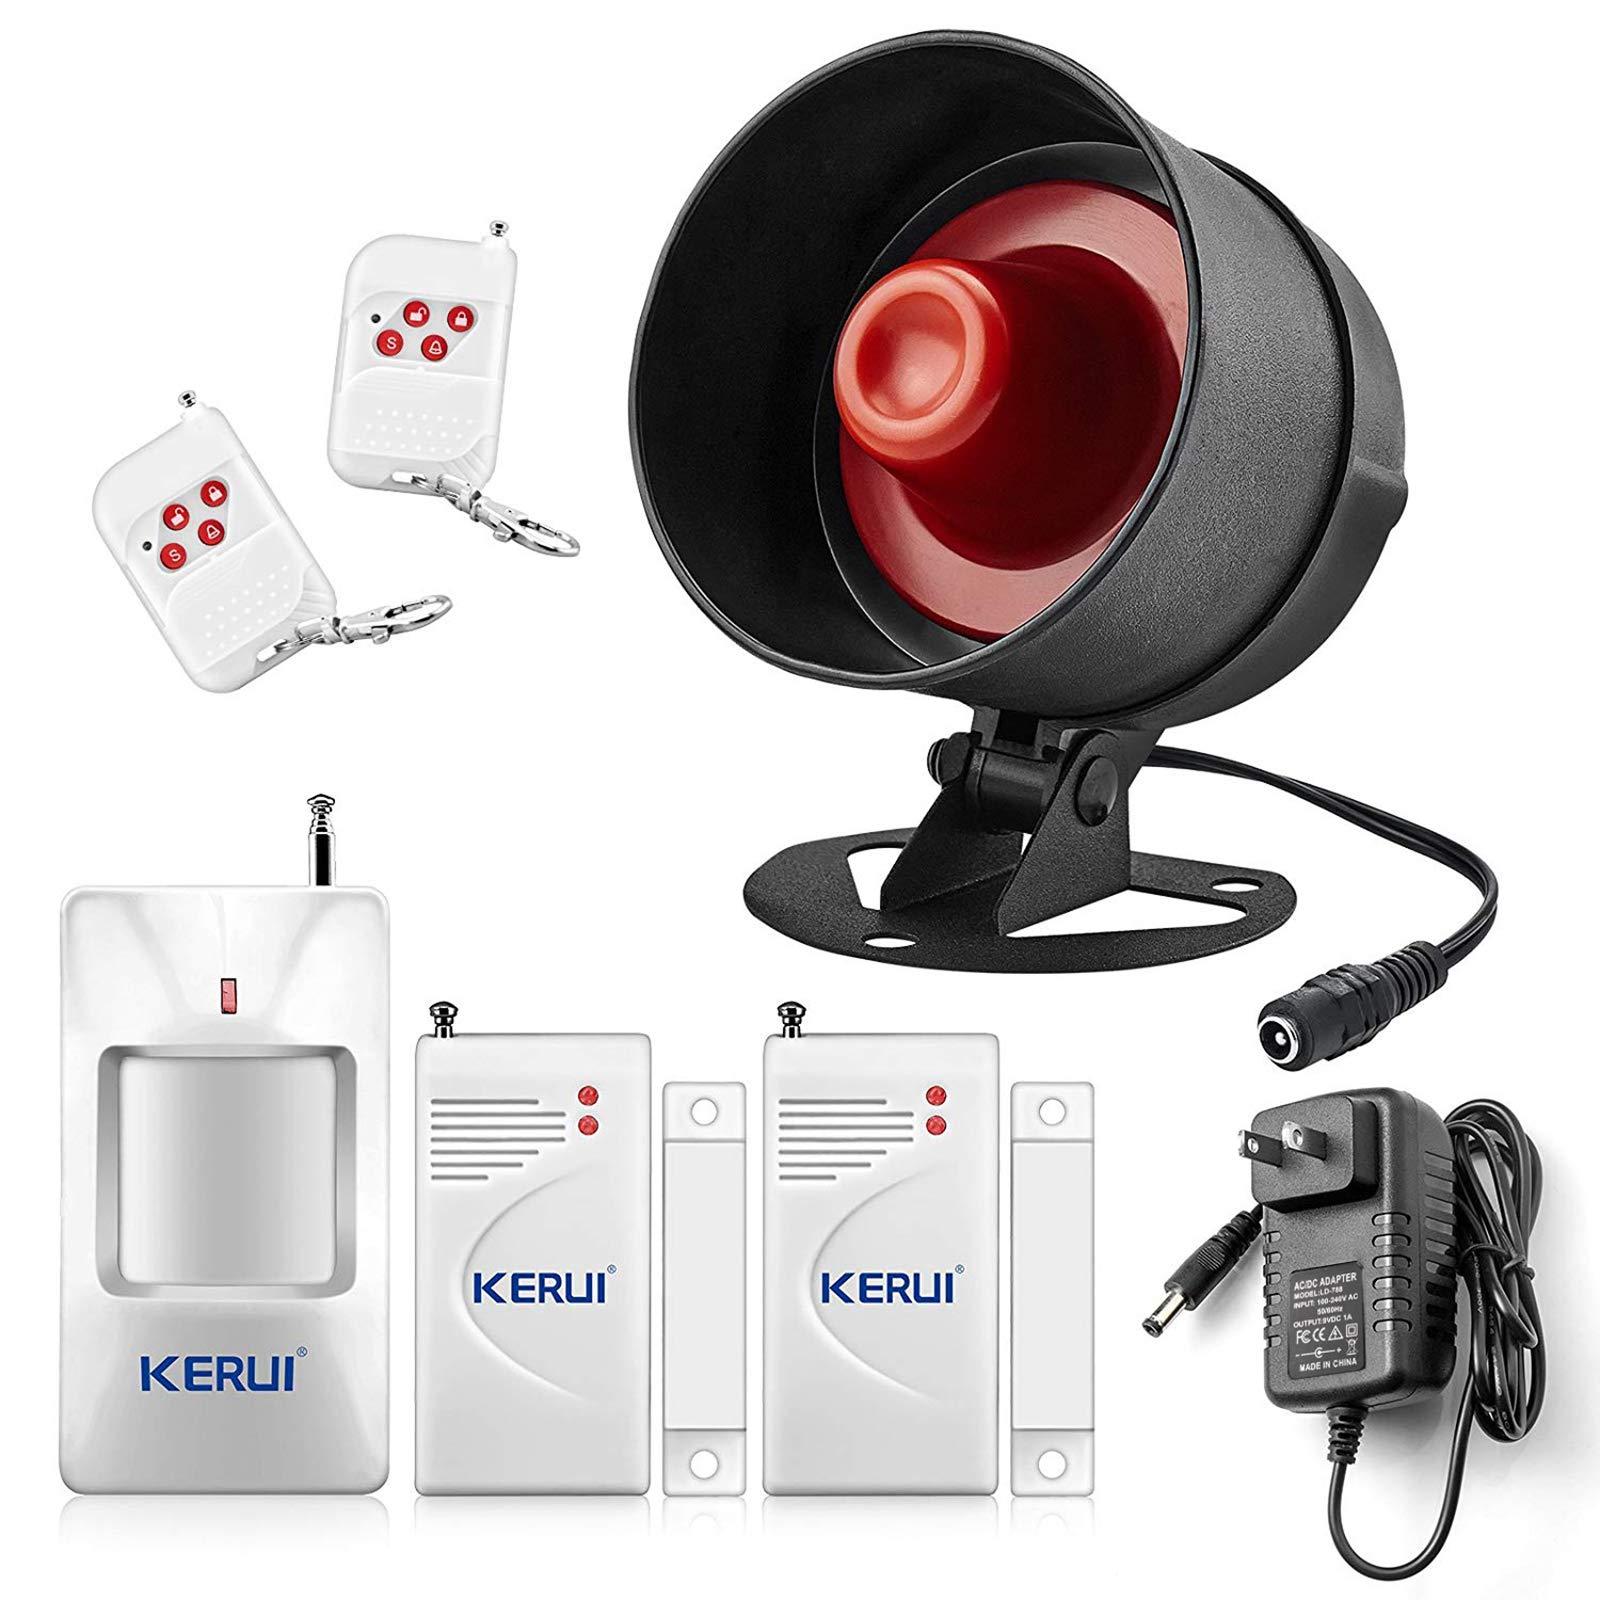 KERUI Security Outdoor Weather Proof Wireless